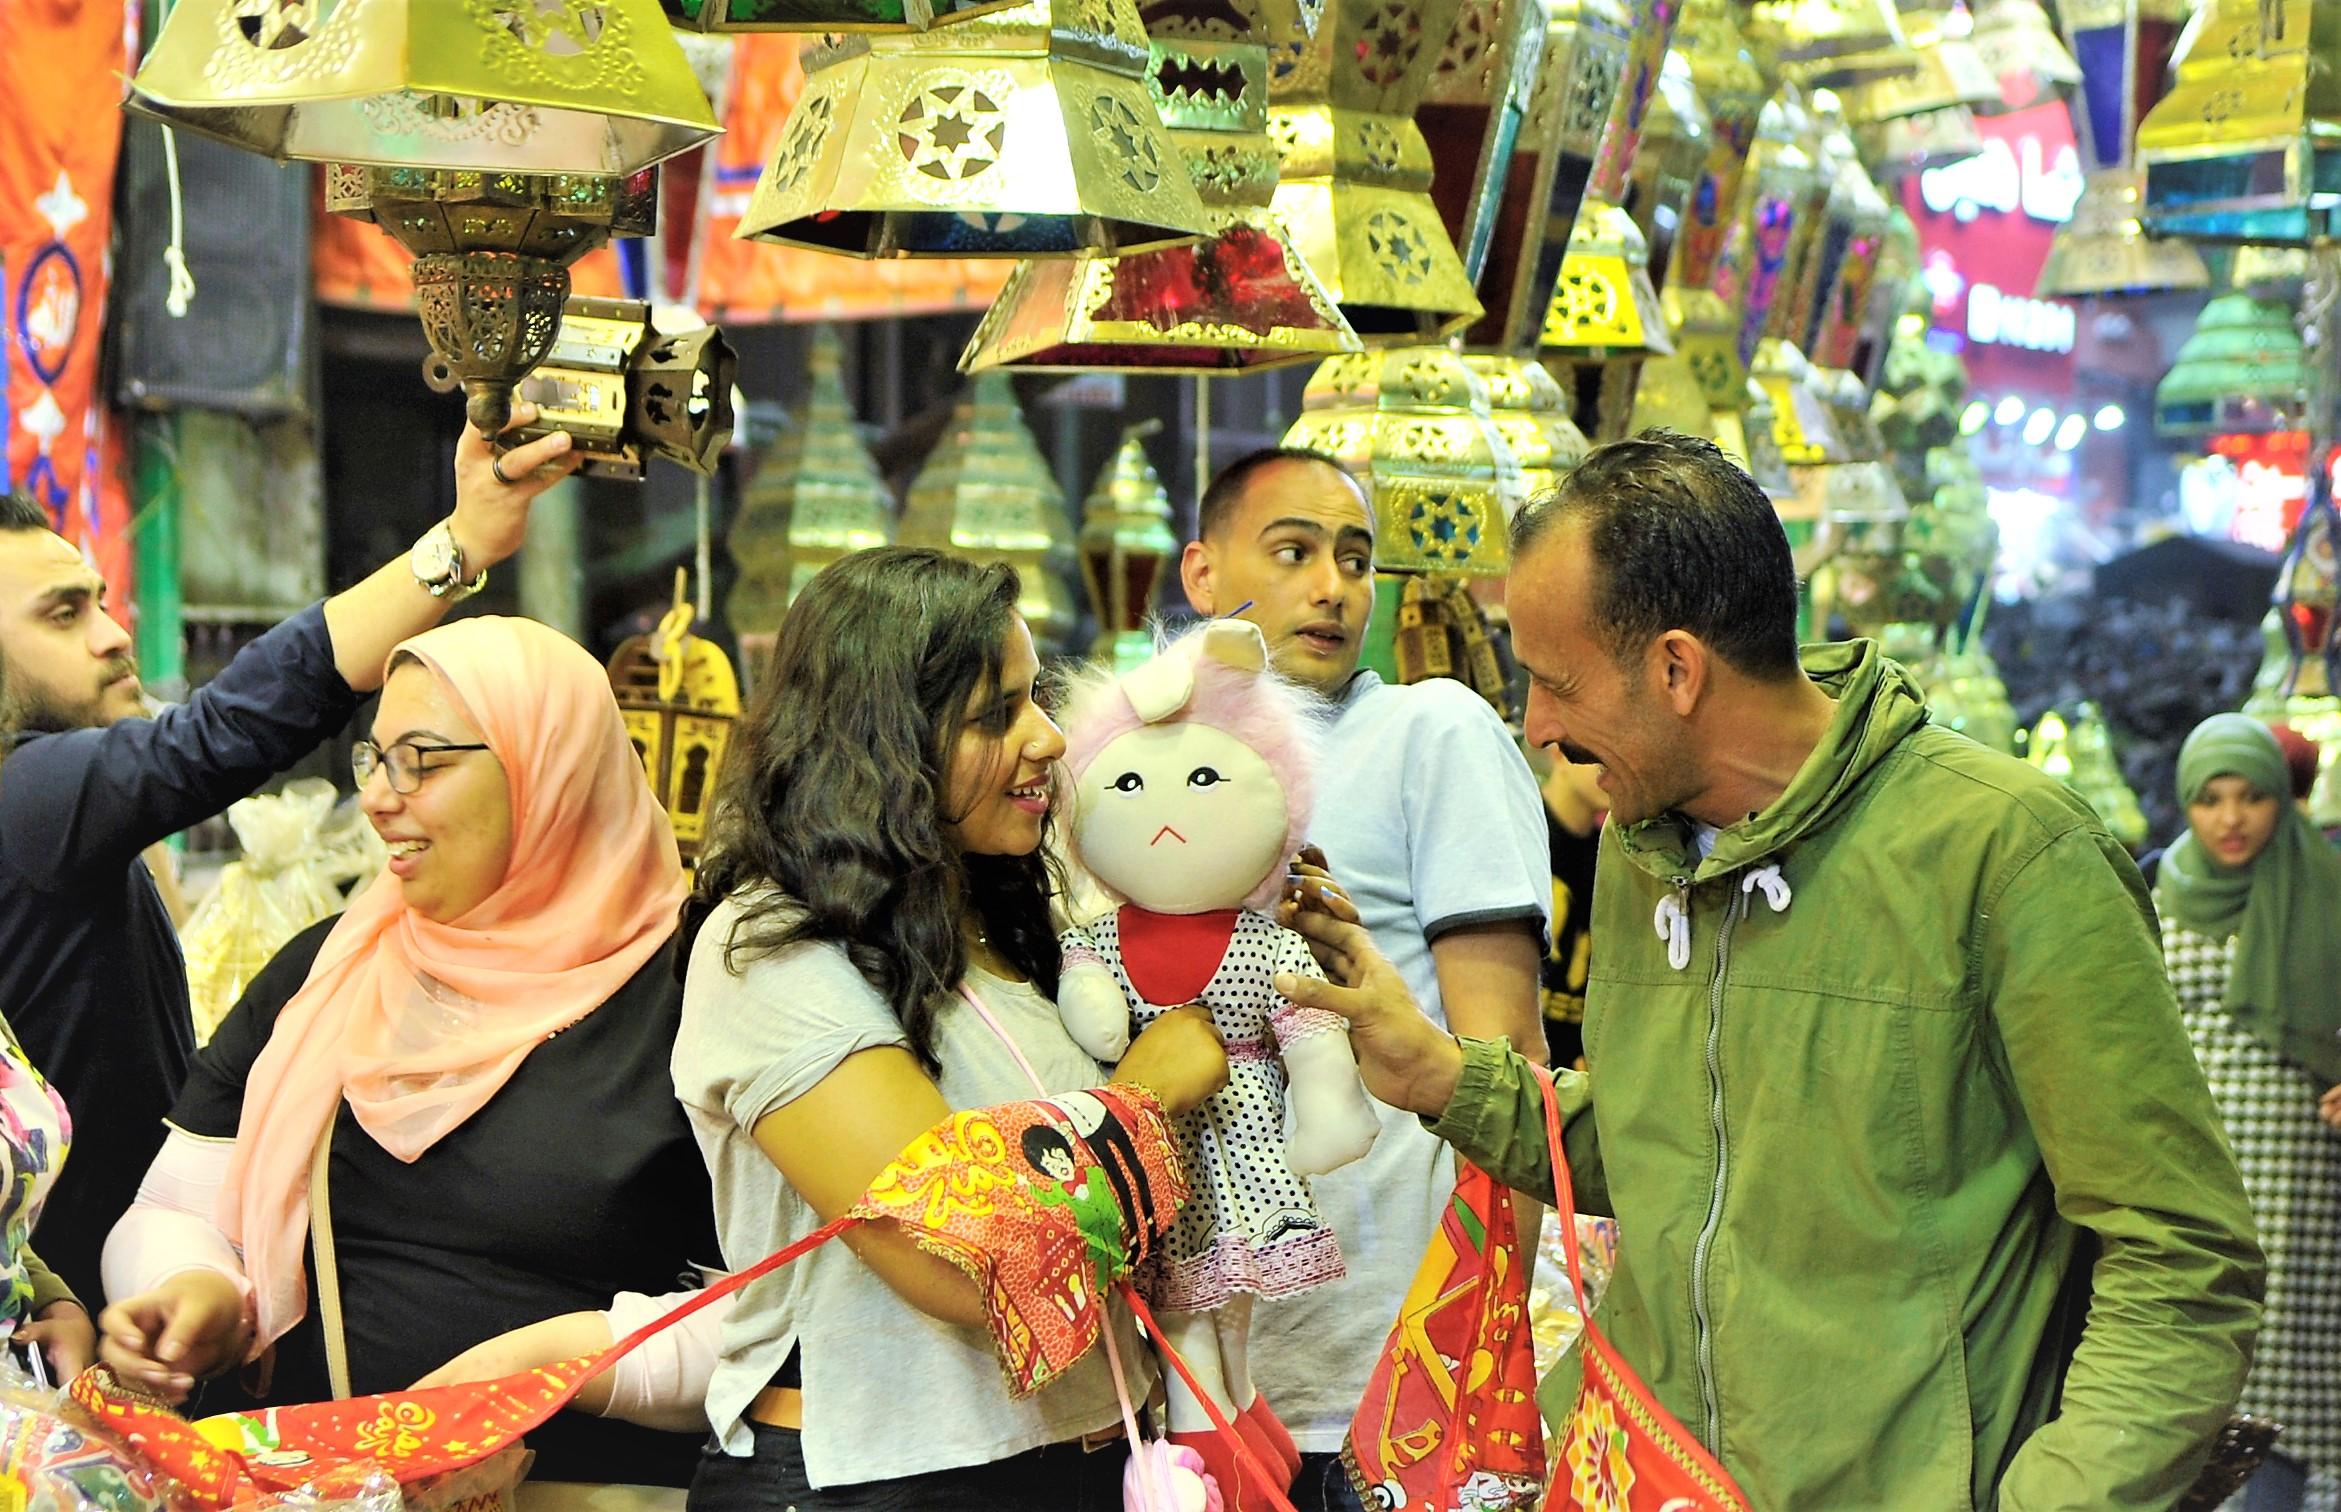 """العروسة طمطم أحد مظاهر شهر رمضان في مصر وكذلك """"بوجي"""" (حسام علي. إندبندنت عربية)"""